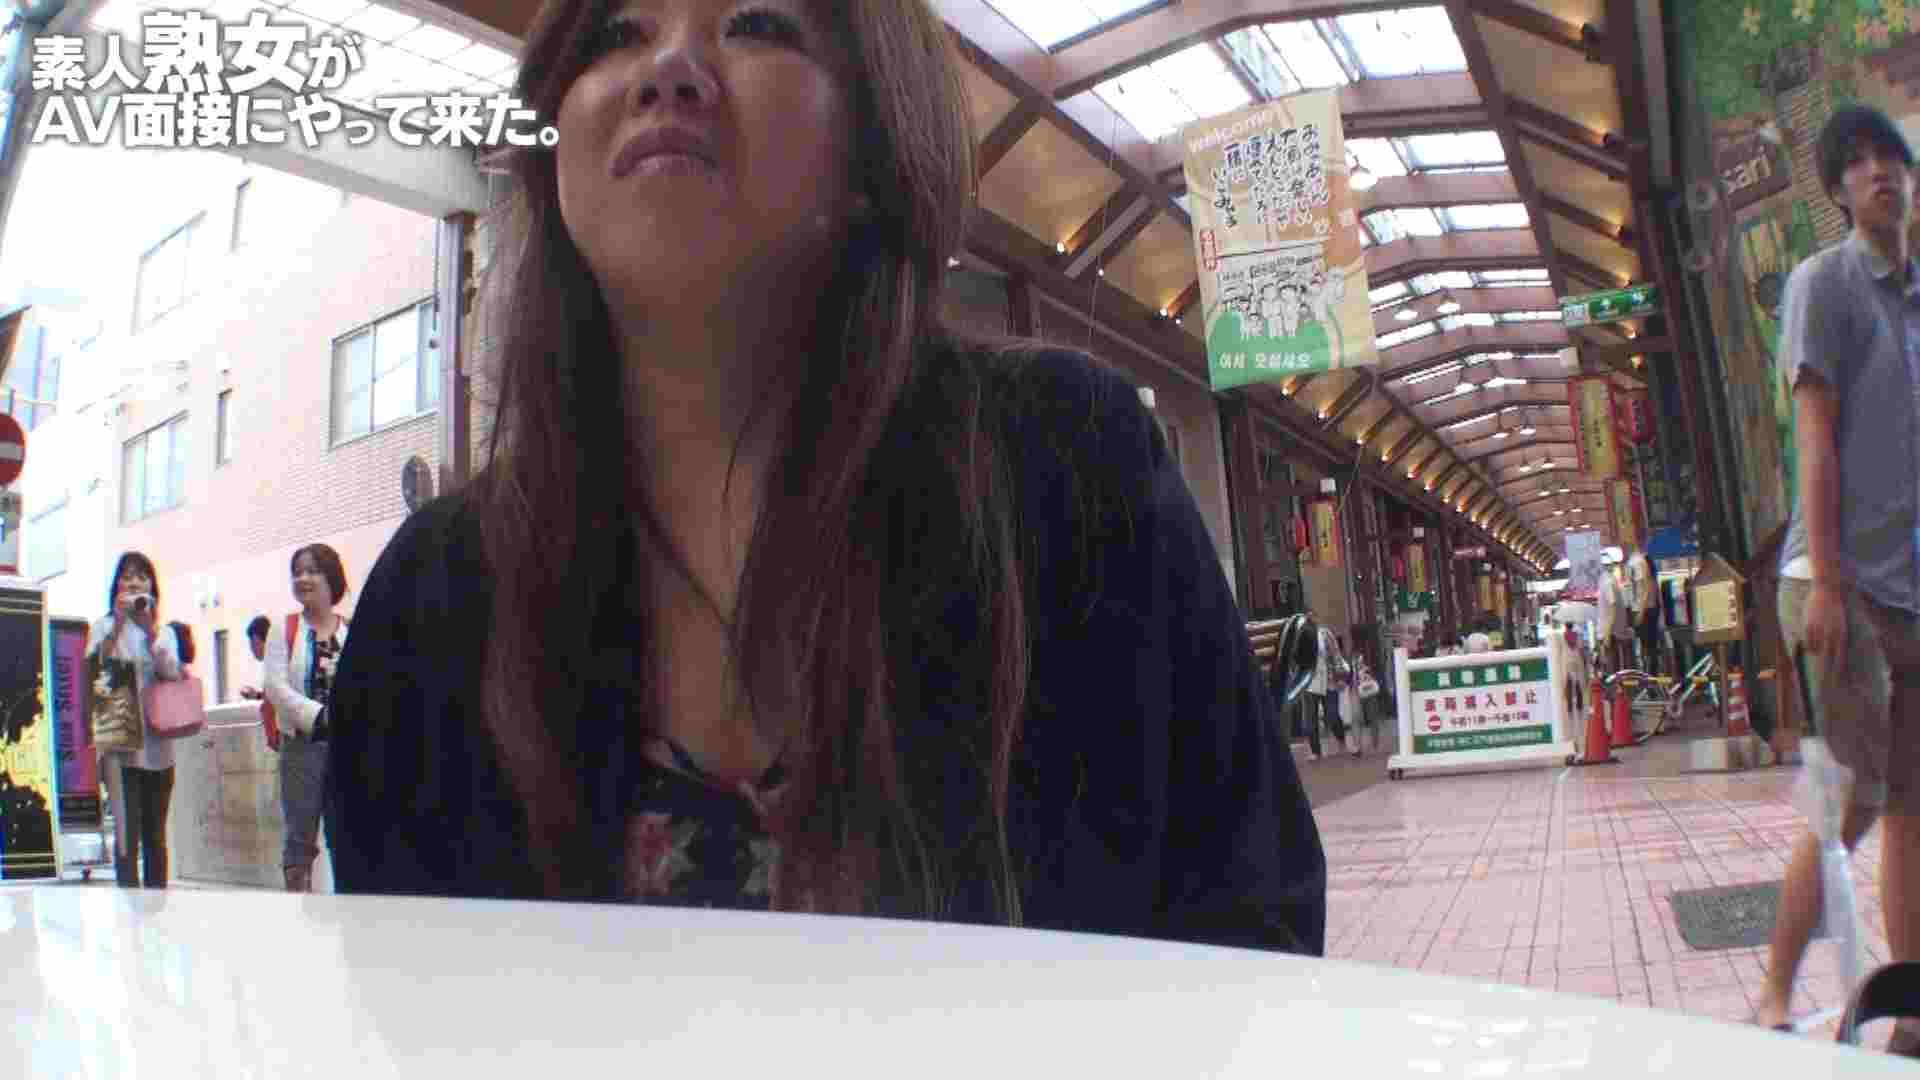 素人熟女がAV面接にやってきた (仮名)ゆかさんVOL.01 セックス 性交動画流出 75PIX 62